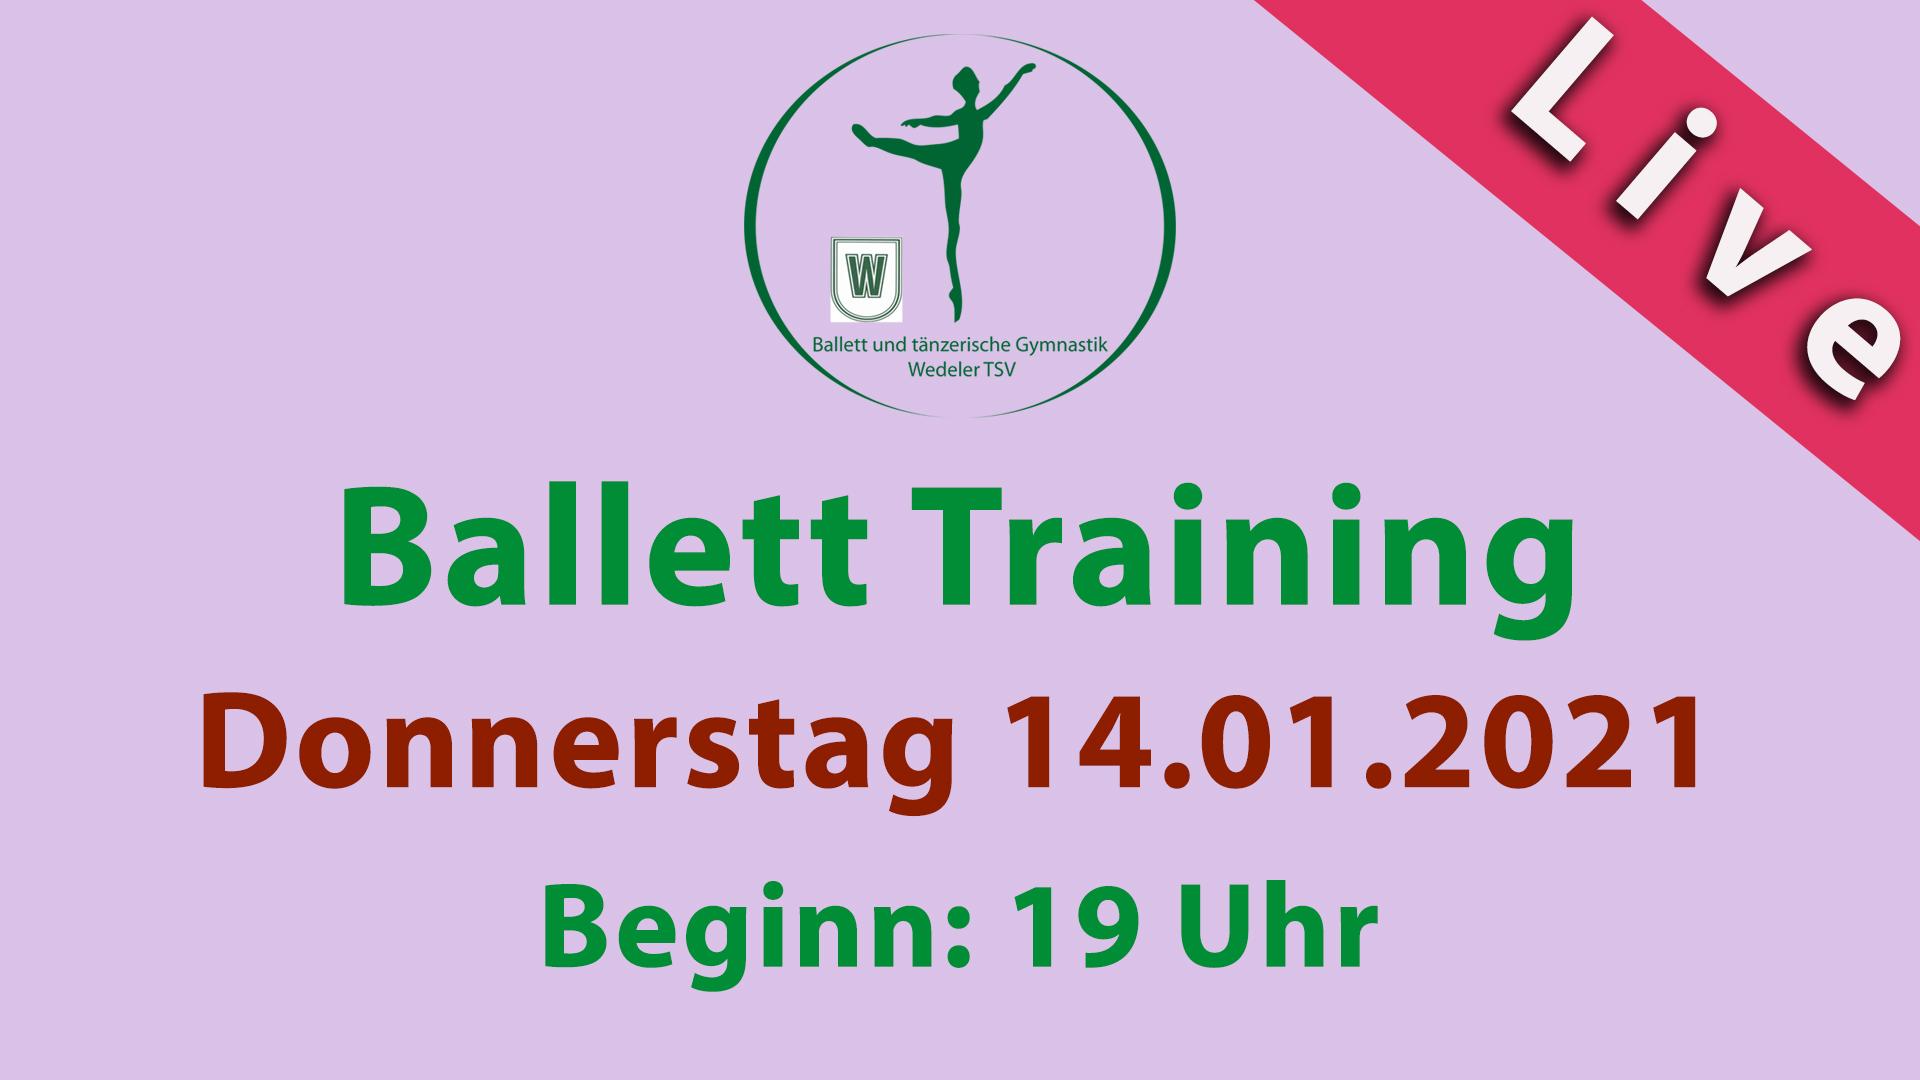 Ballett Training Livestream Donnerstag 14.01.2021 | 19 Uhr